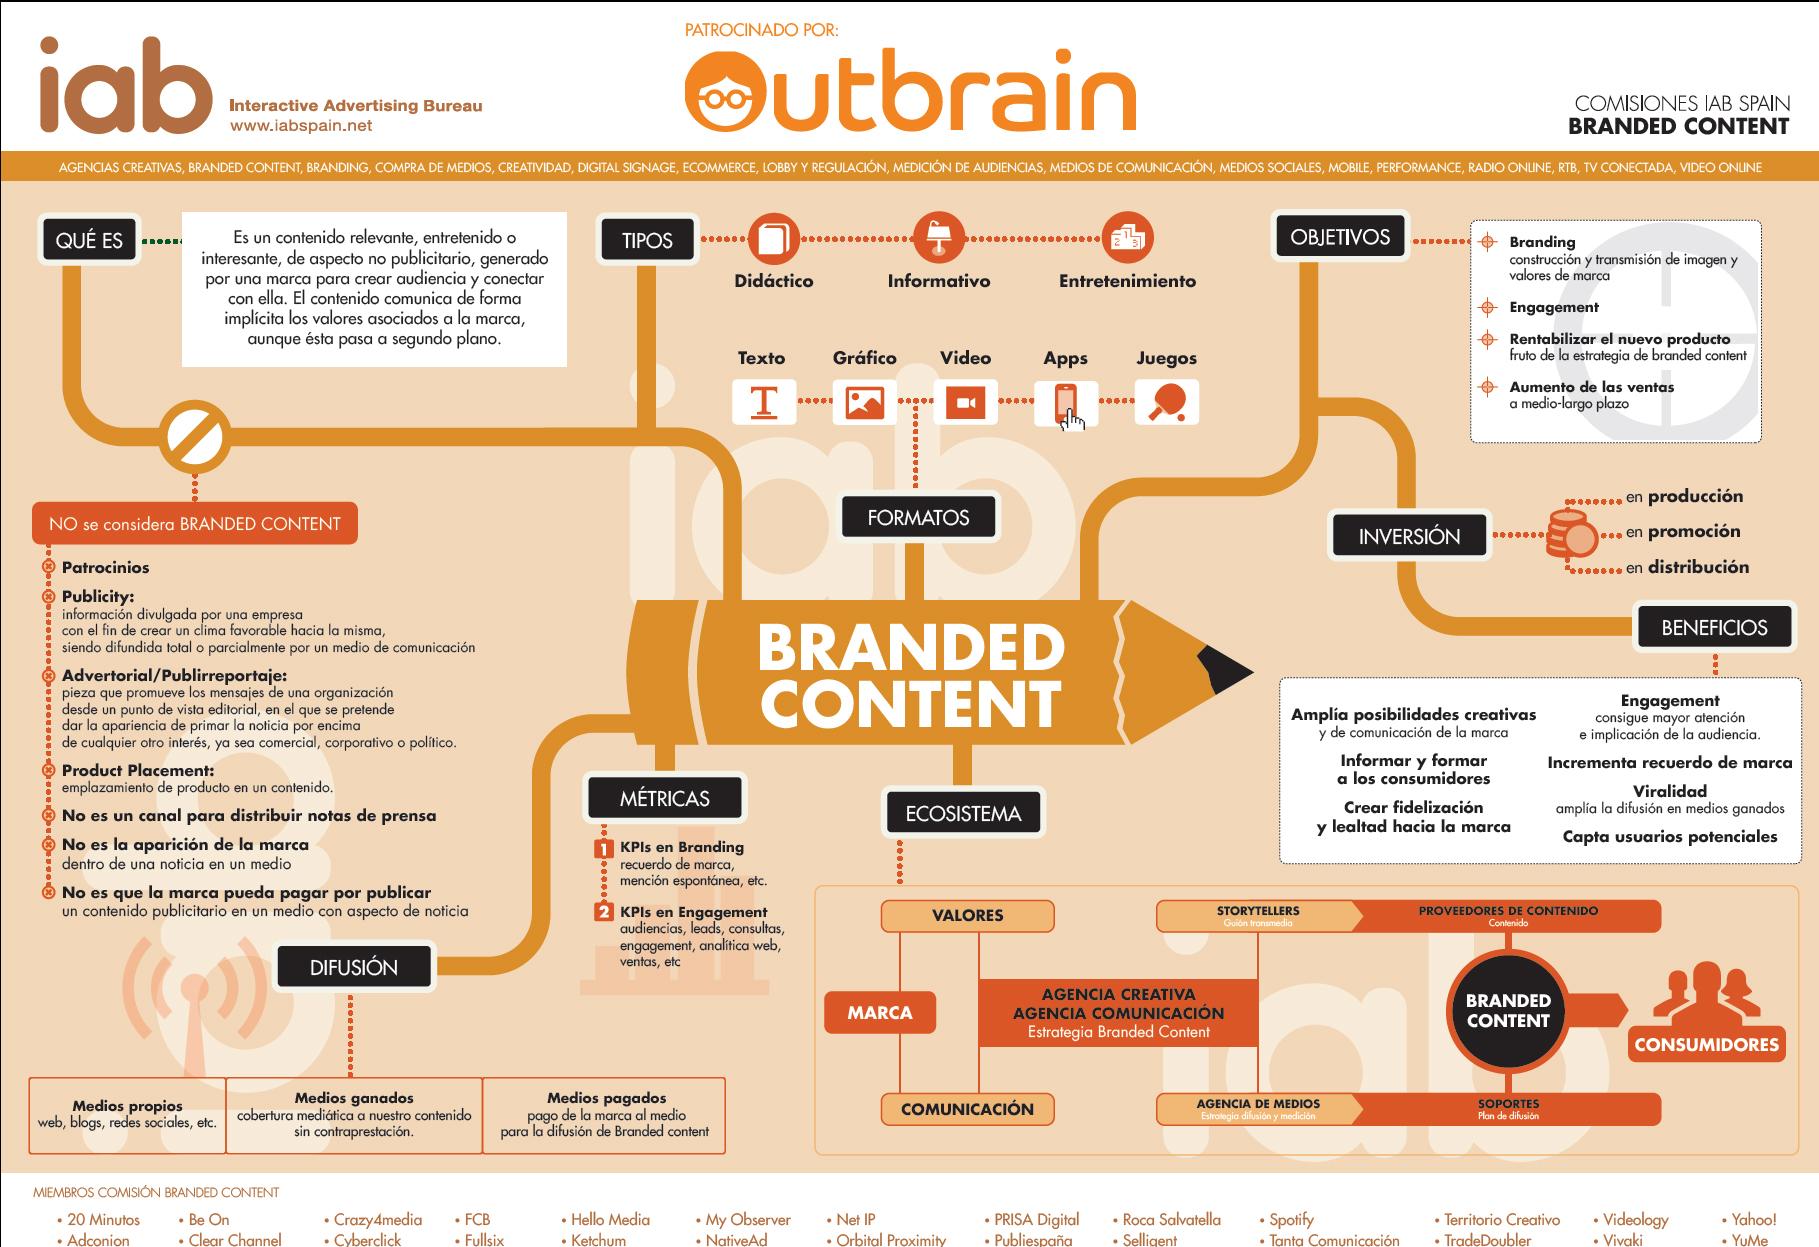 Neuromarketing y Social Selling para tu estrategia de branded content